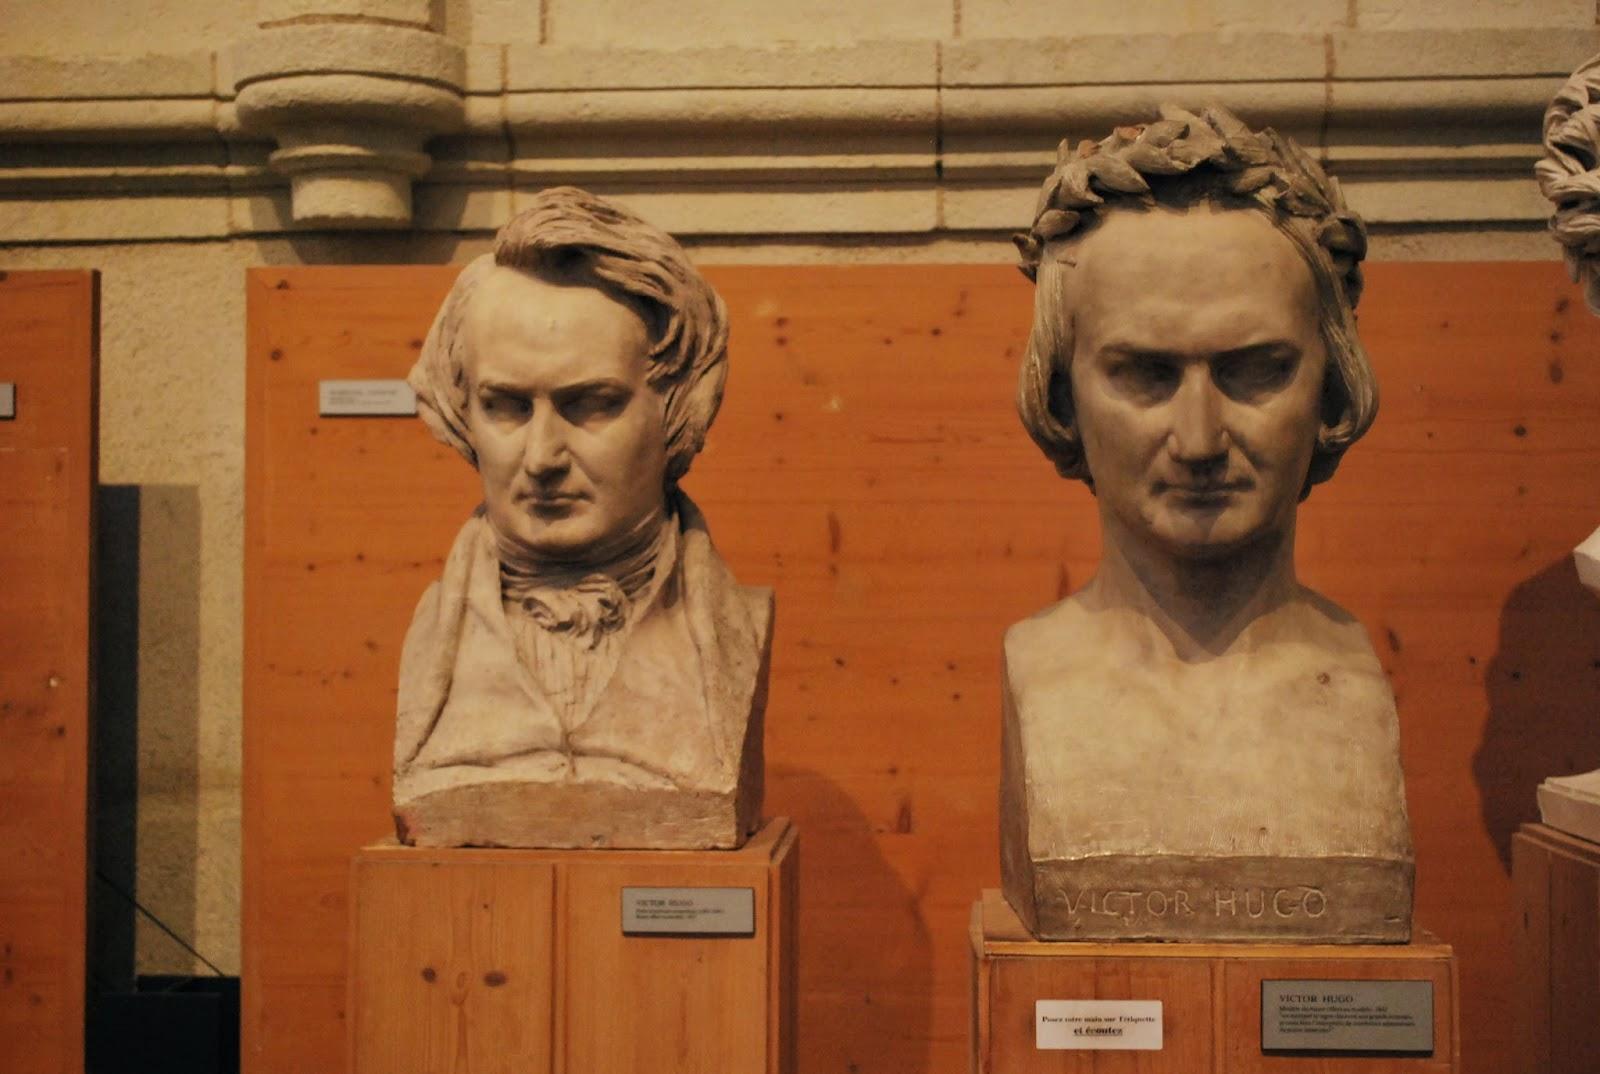 Victor Hugo par David d'Angers